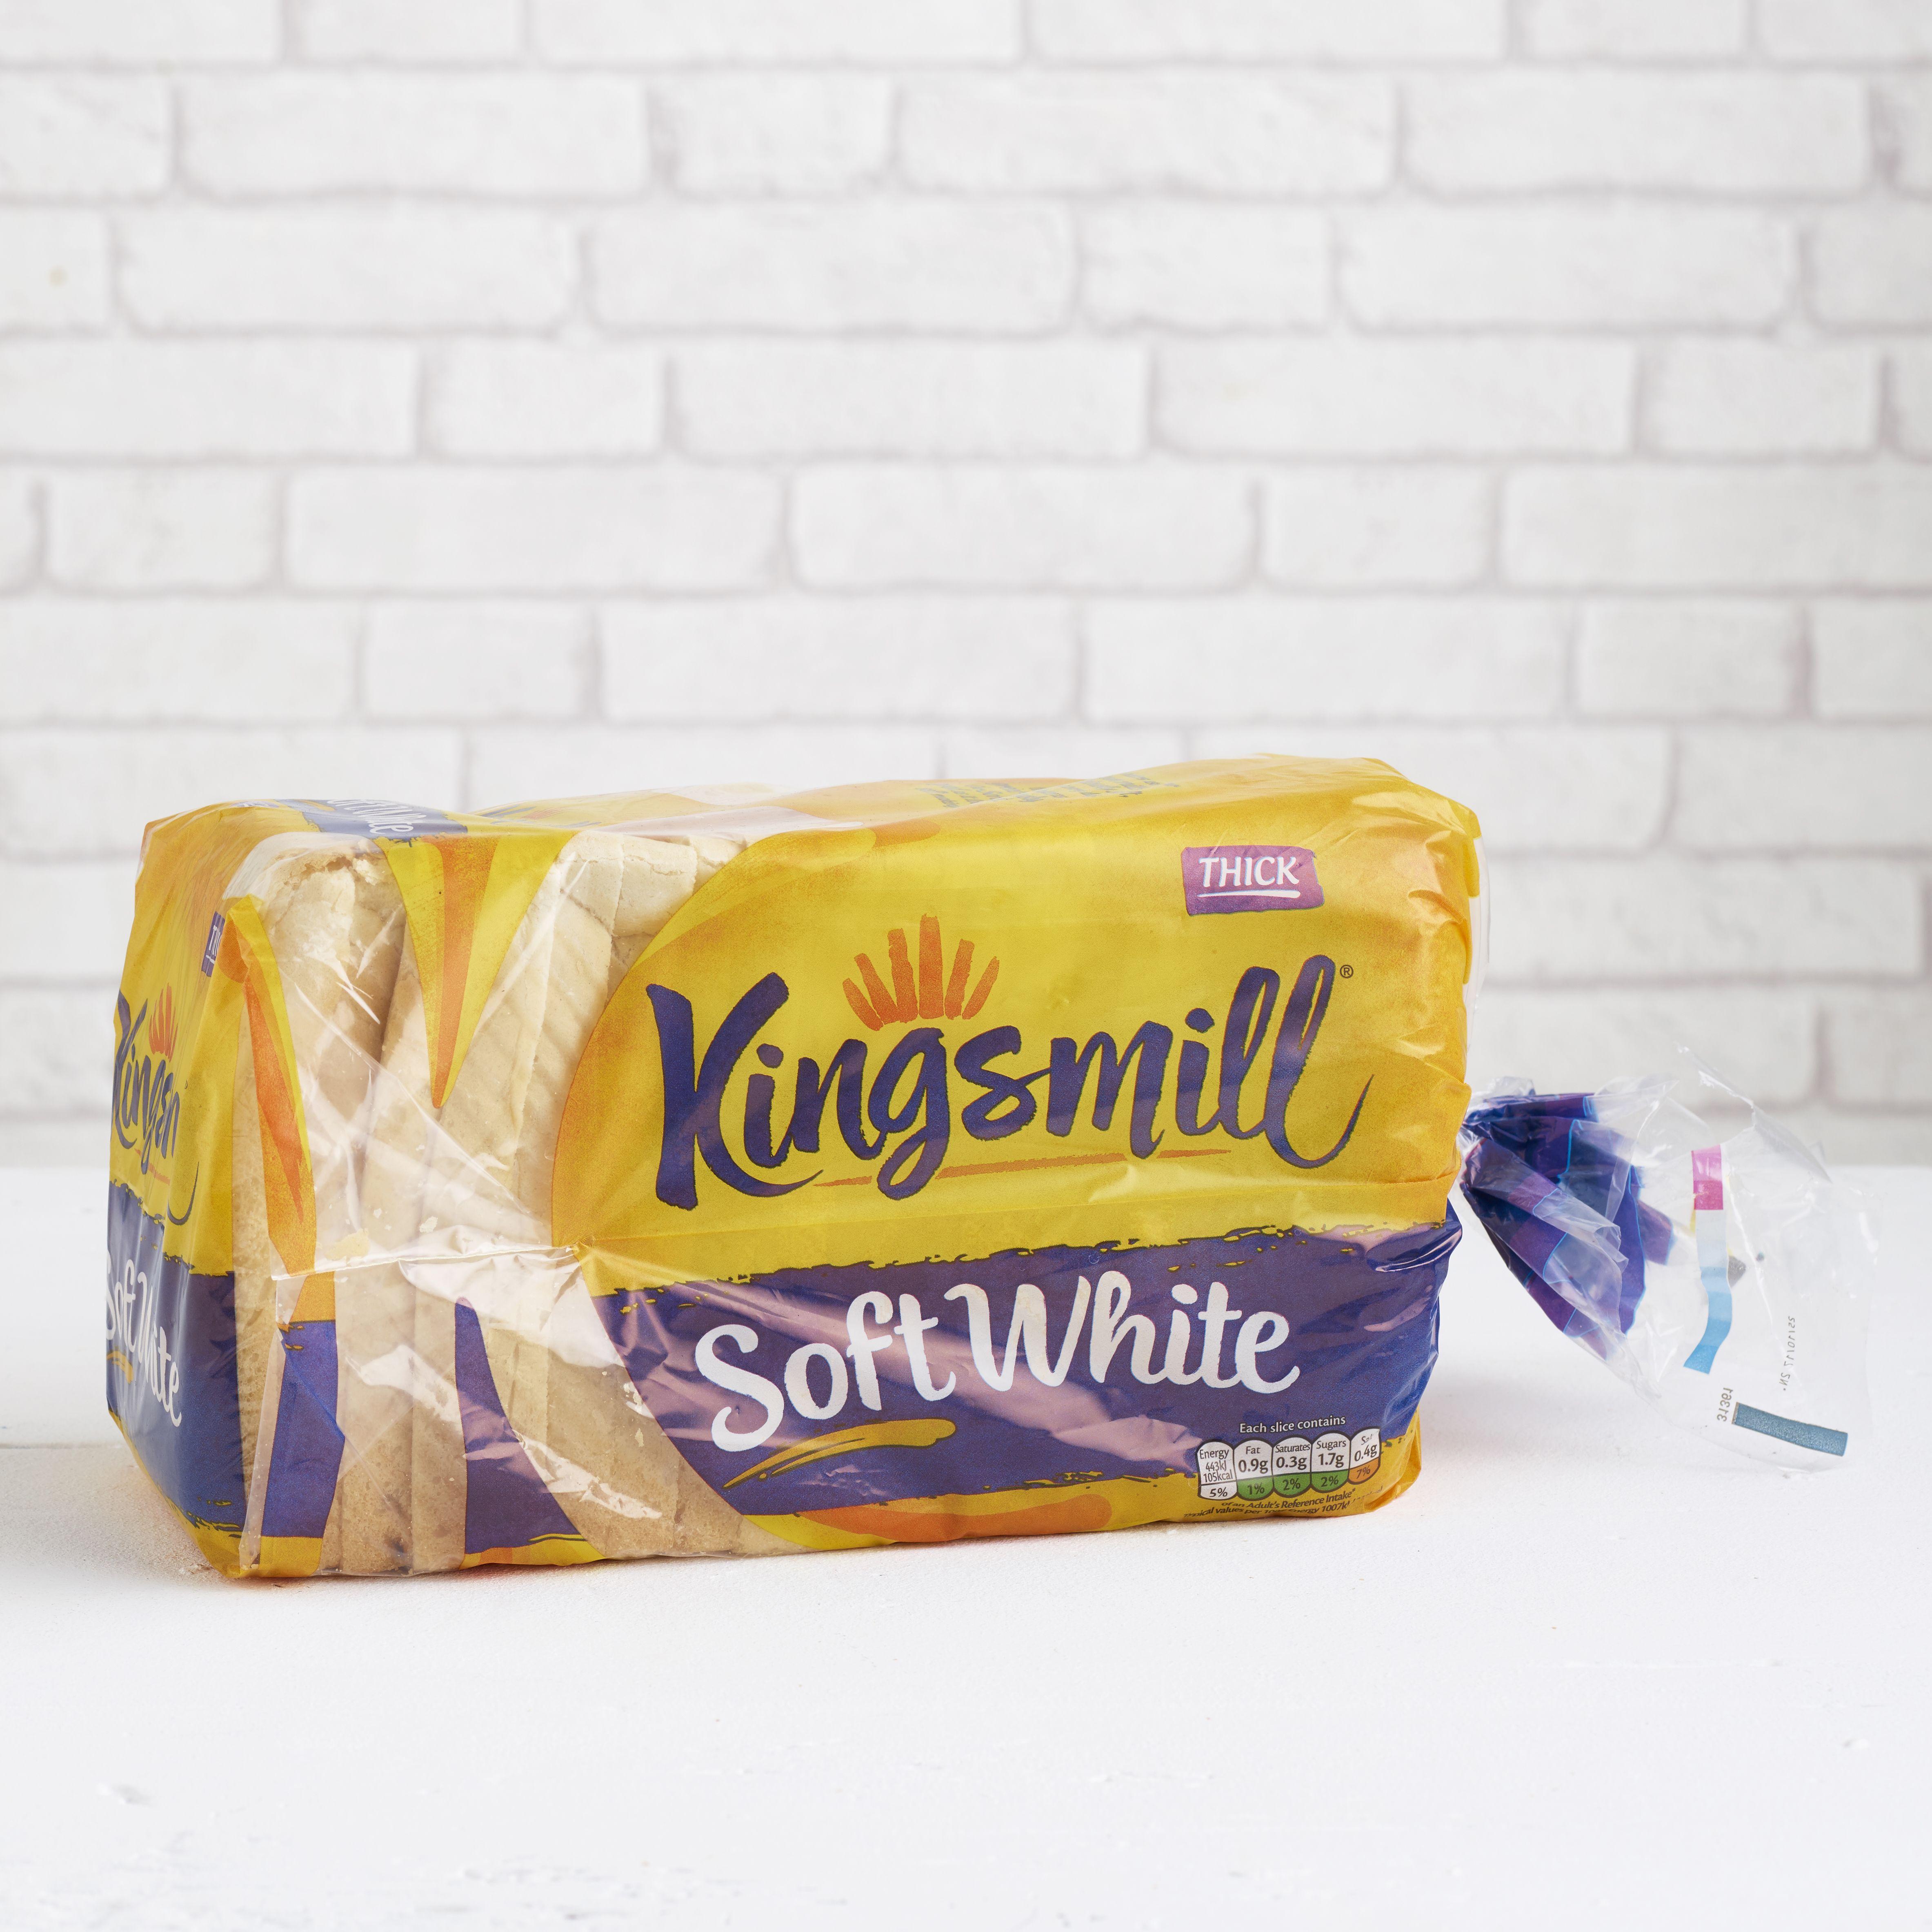 Kingsmill Soft White, Thick, 800g